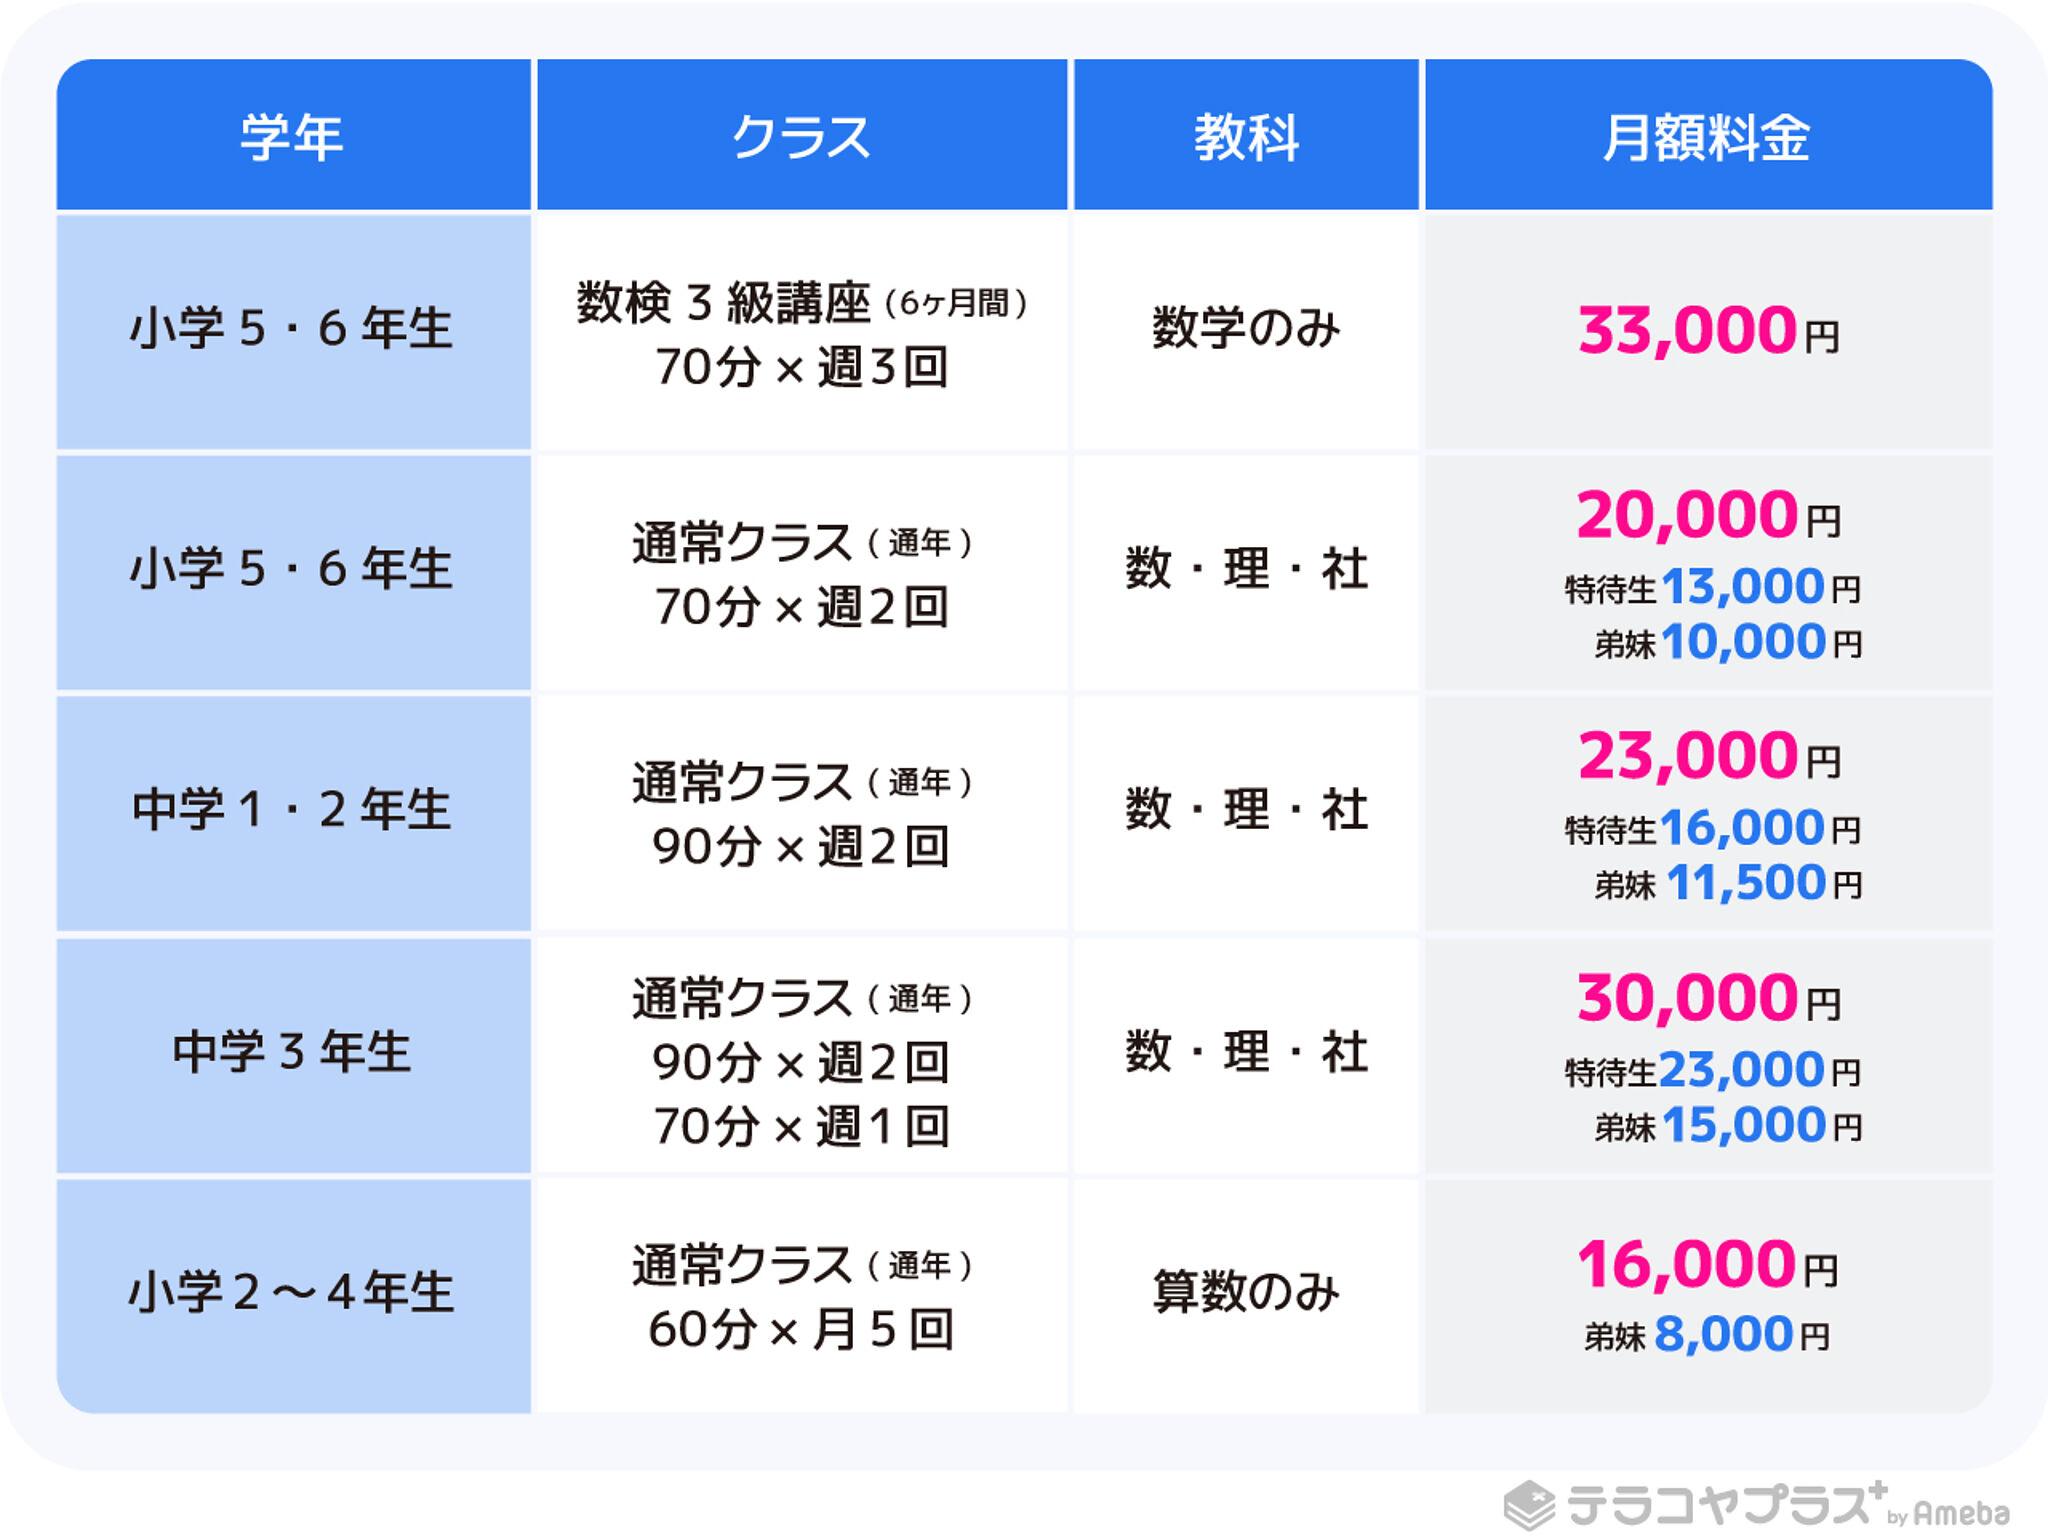 神neo学習塾の料金表